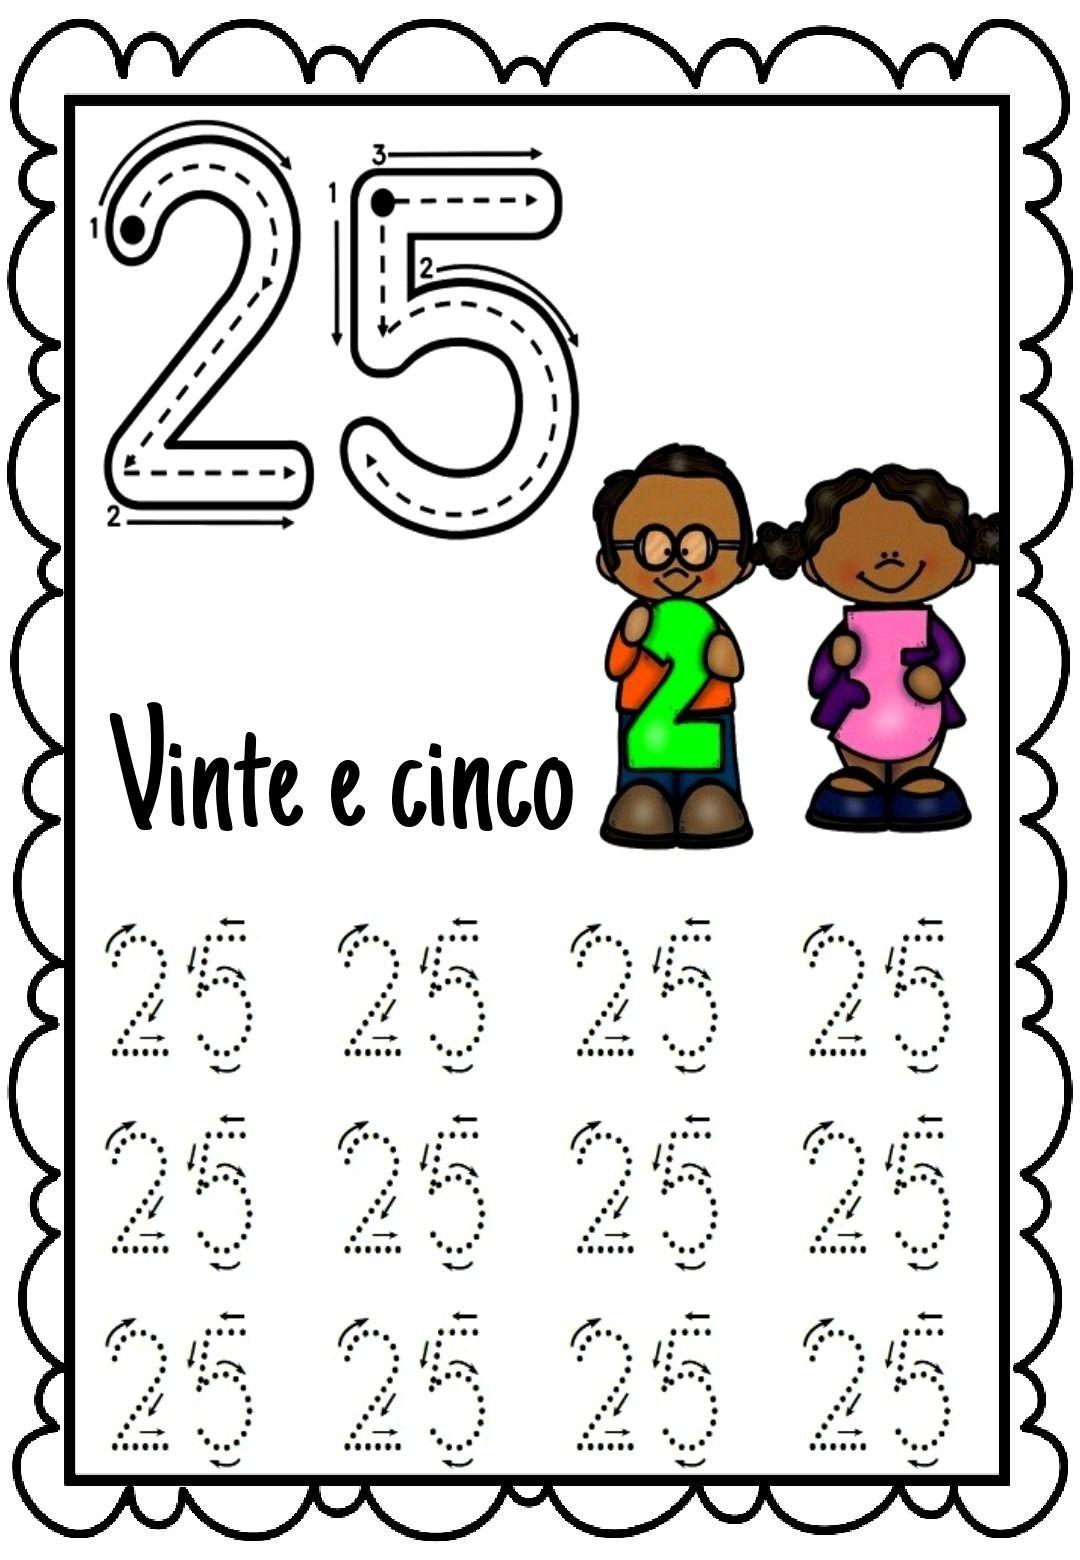 Educação Infantil: Livro Dos Números Pontilhado (1 A 30